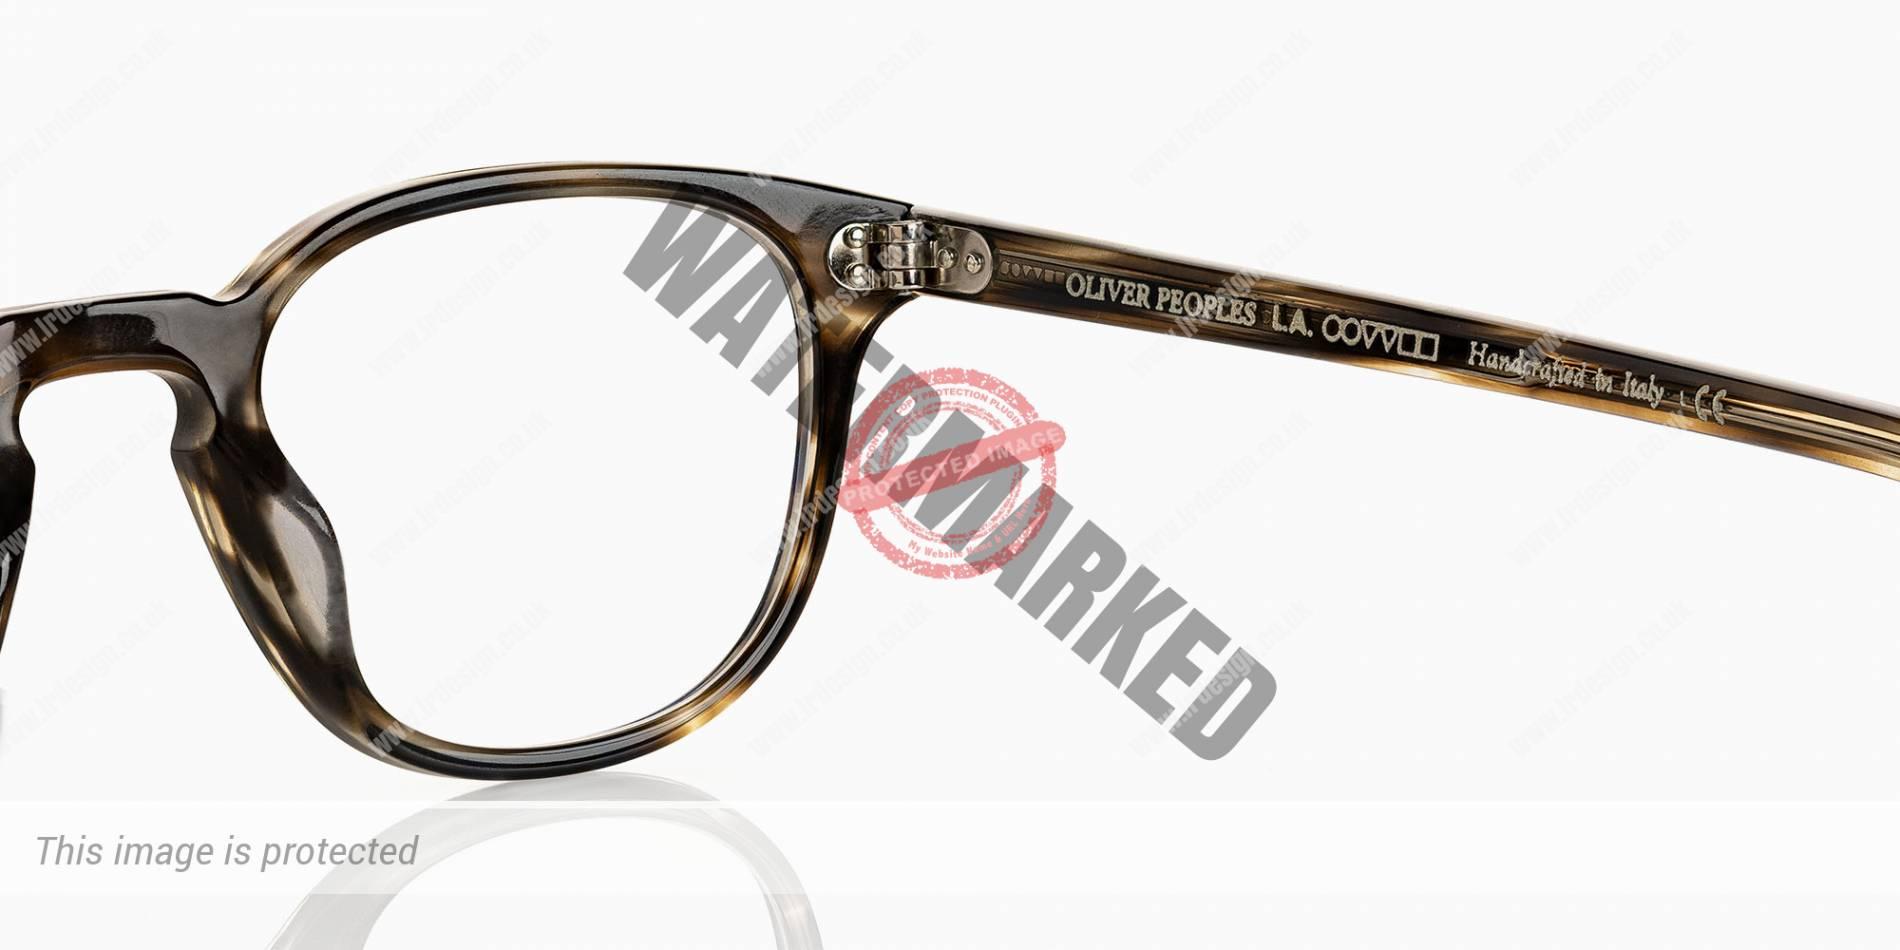 Oliver Peoples designer glasses, side profile.